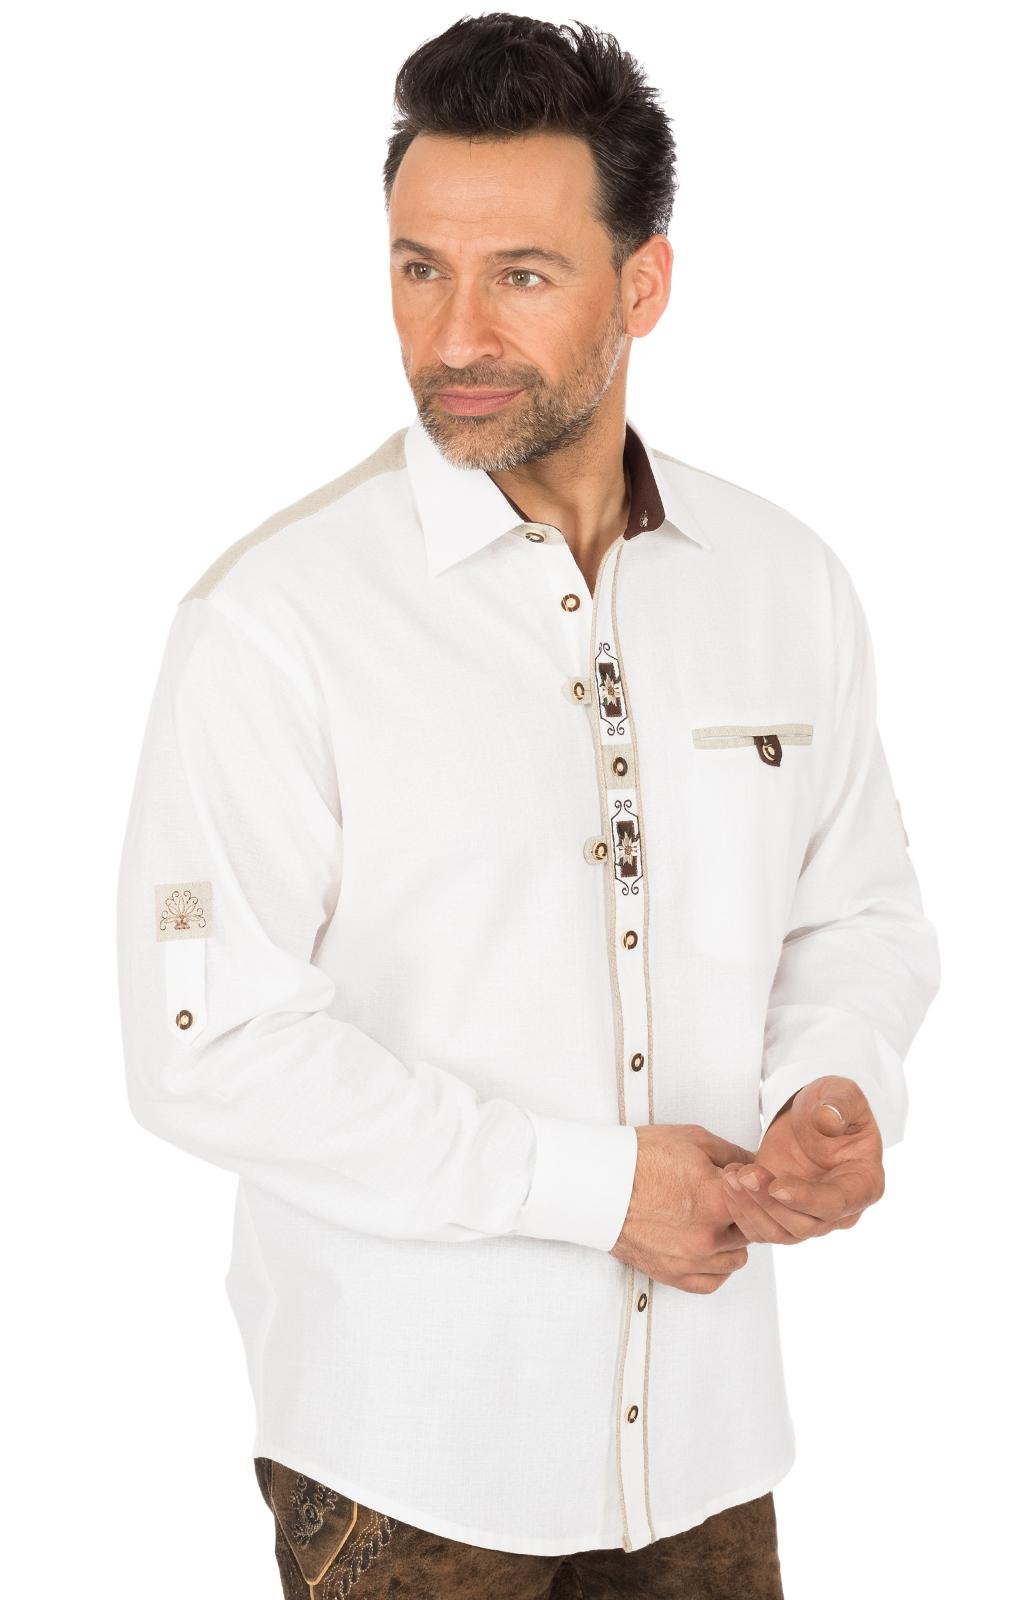 Trachtenhemd VENDER weiss von OS-Trachten